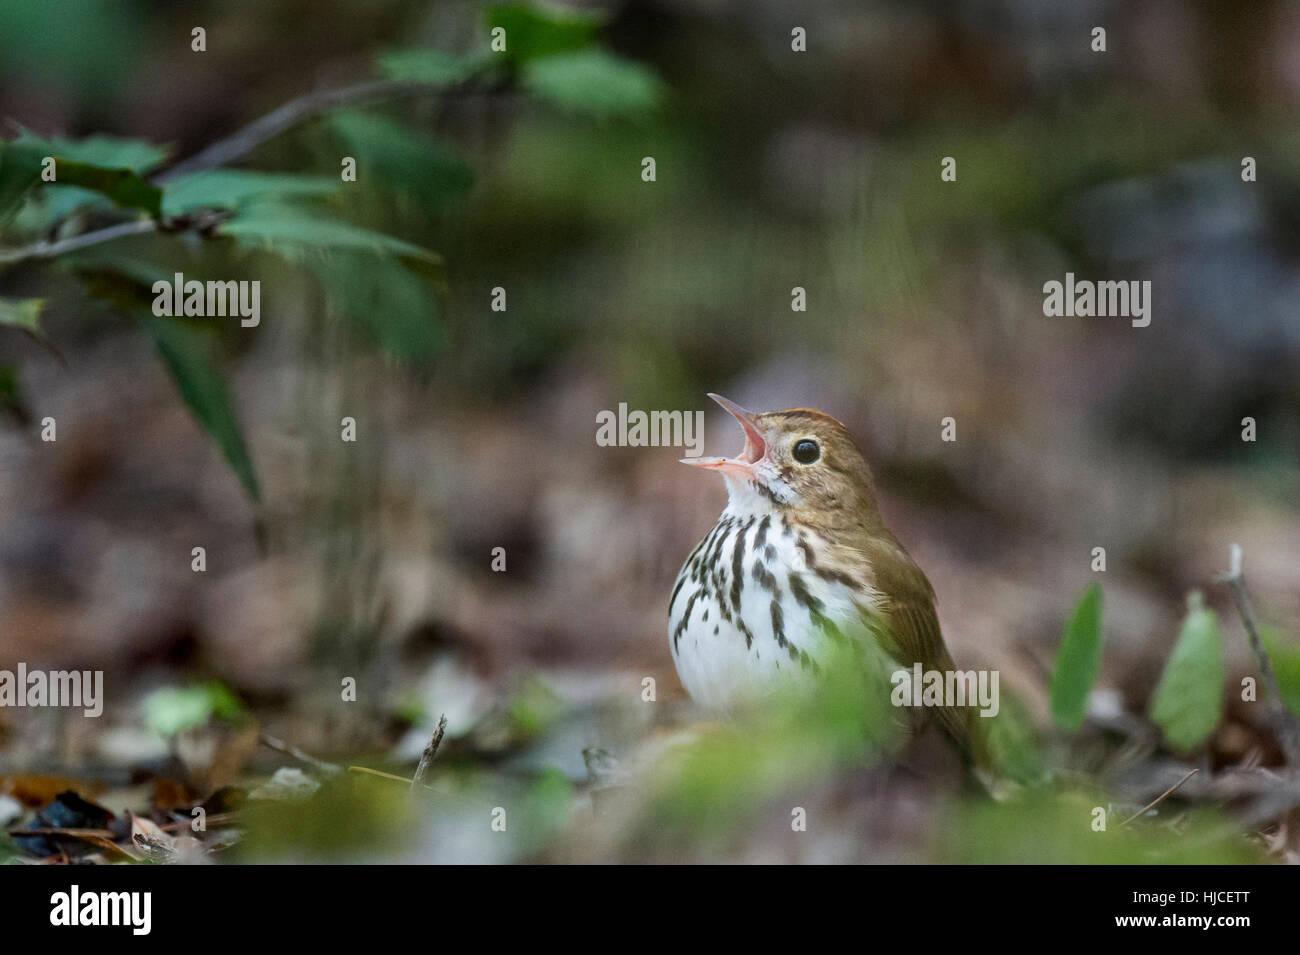 Un Ovenbird canta ad alta voce quanto si trova sul suolo della foresta con alcune foglie verdi intorno ad esso. Immagini Stock